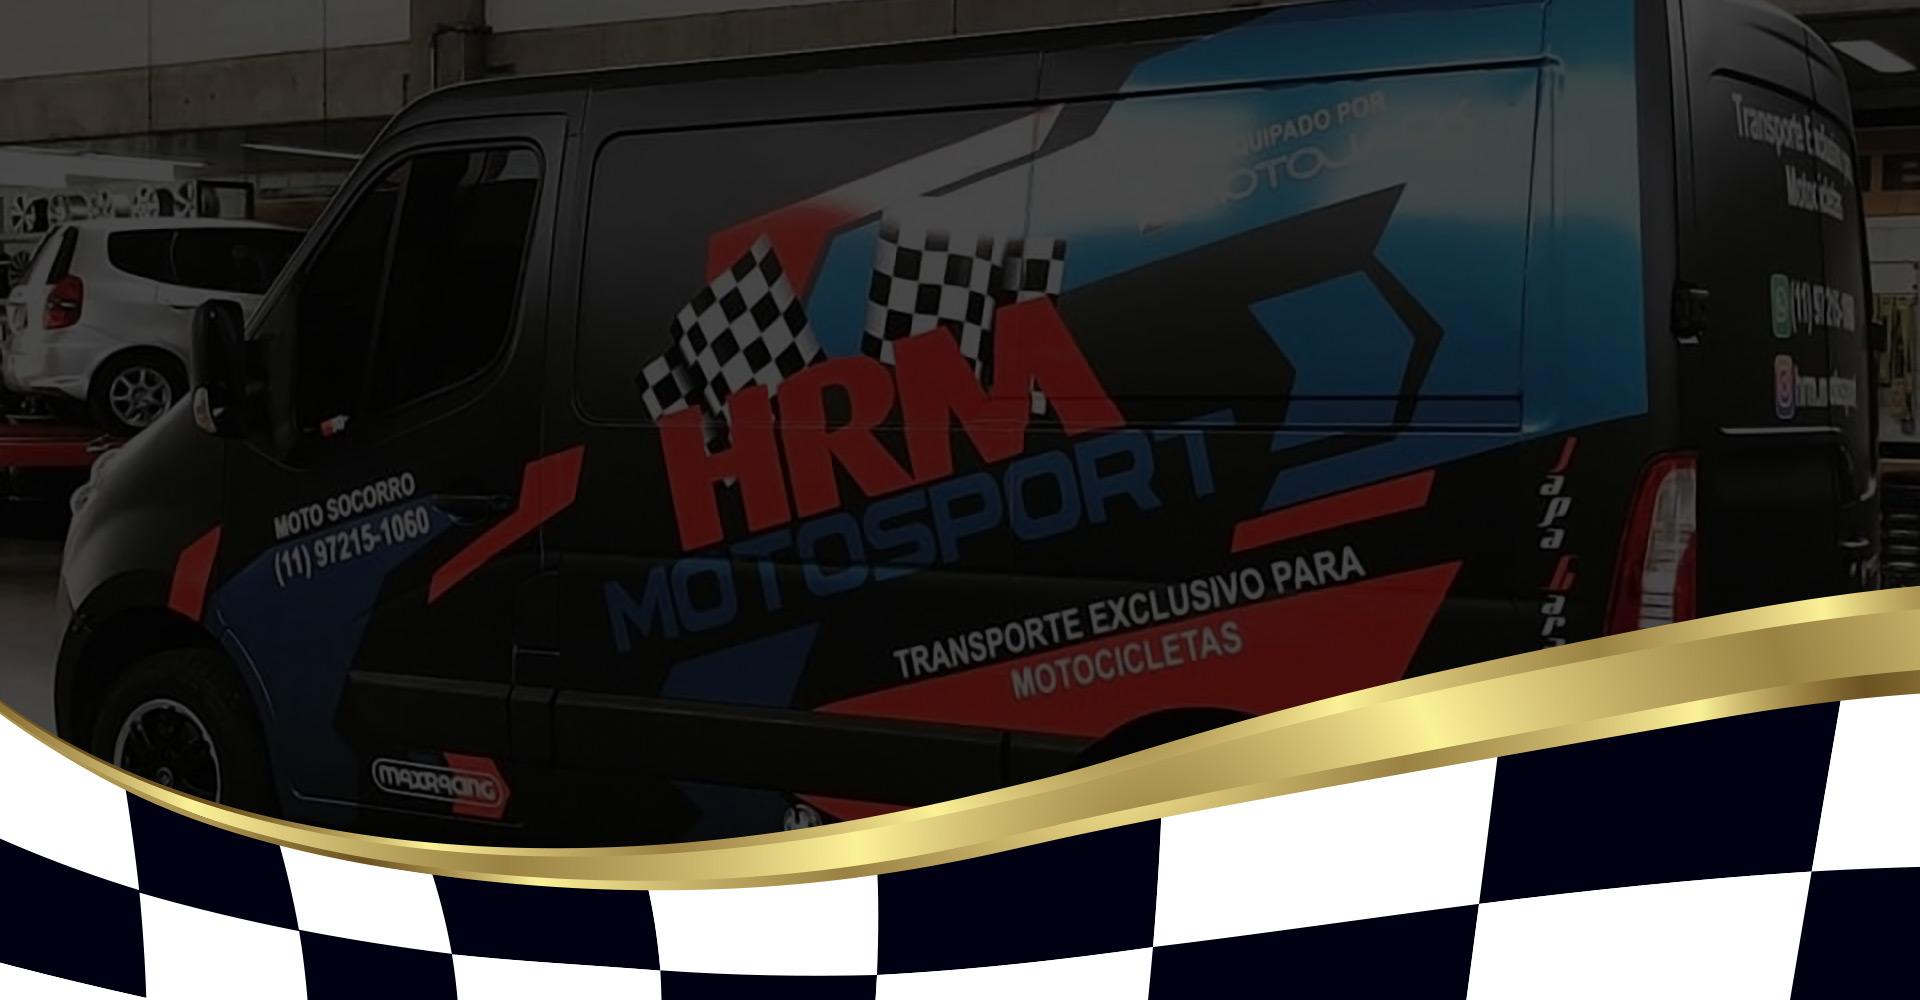 Na HRM MOTOSPORT realizamos o transporte da sua motocicleta com qualidade e total segurança.